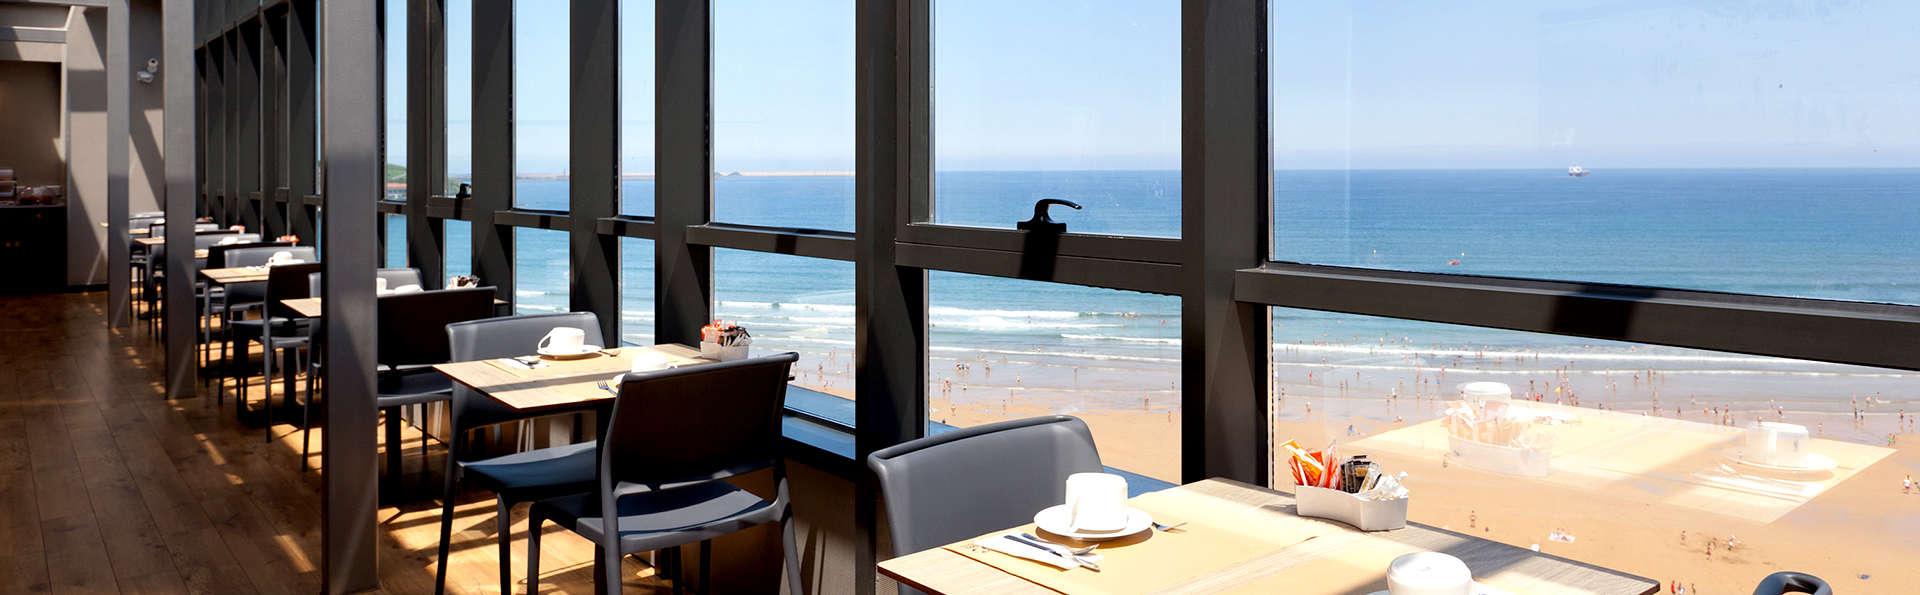 Séjour face à la mer cantabrique à Gijón